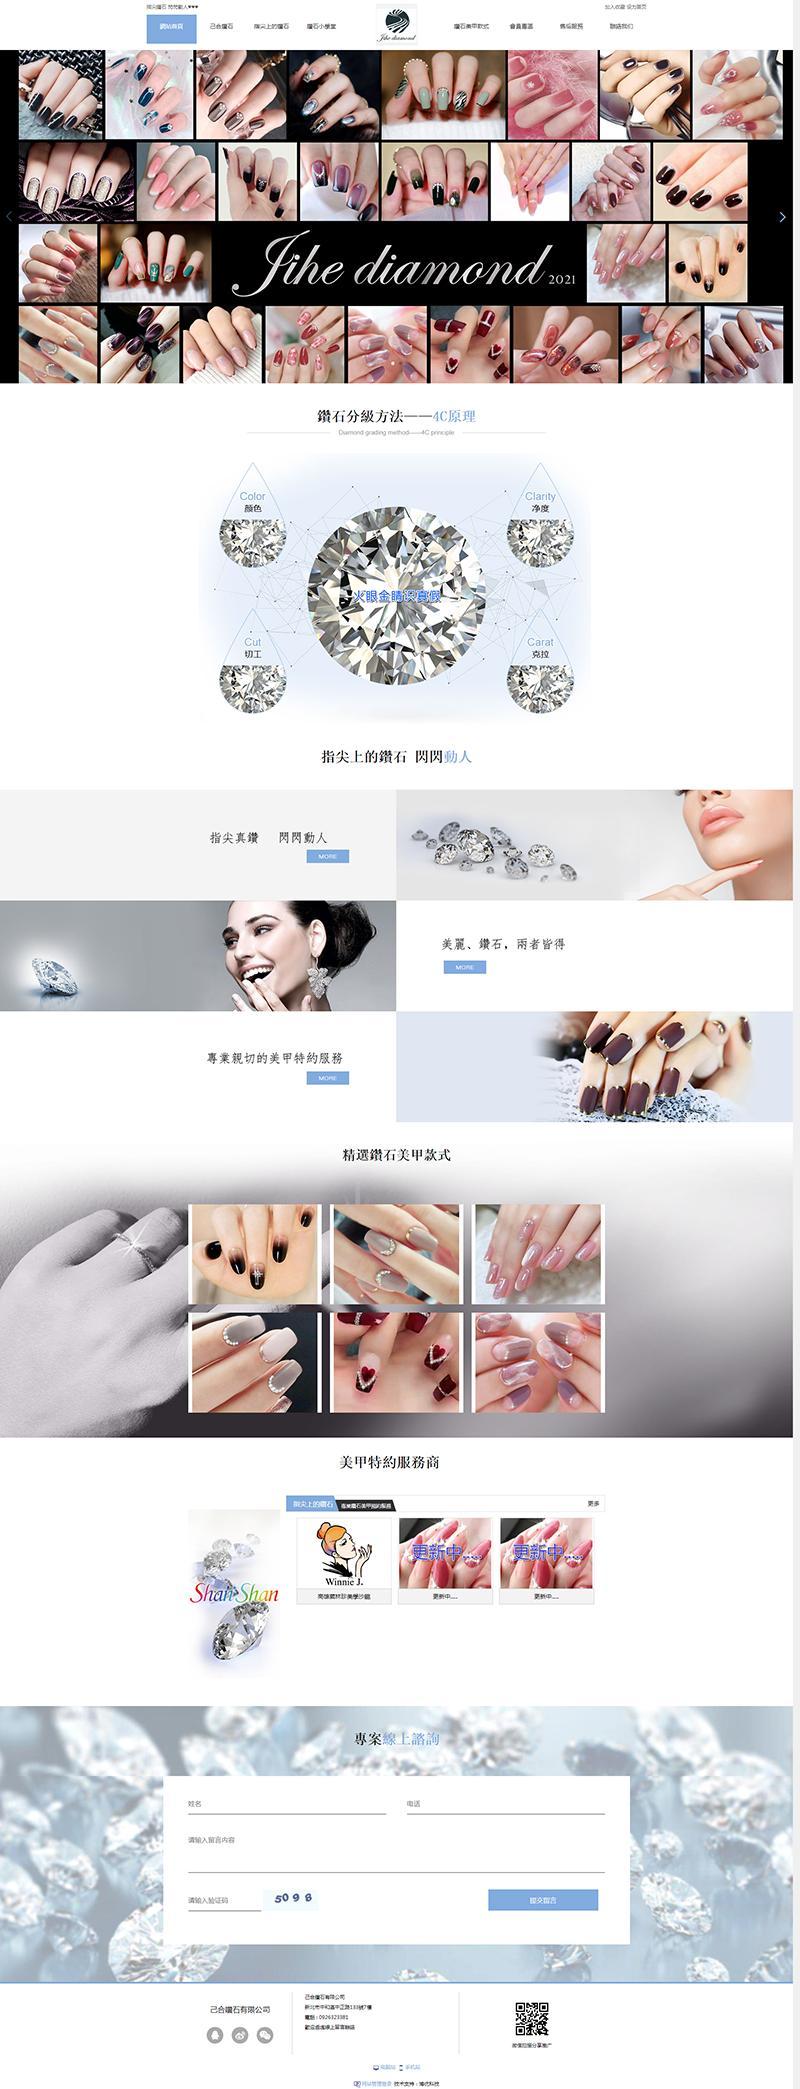 己合鑽石有限公司.png